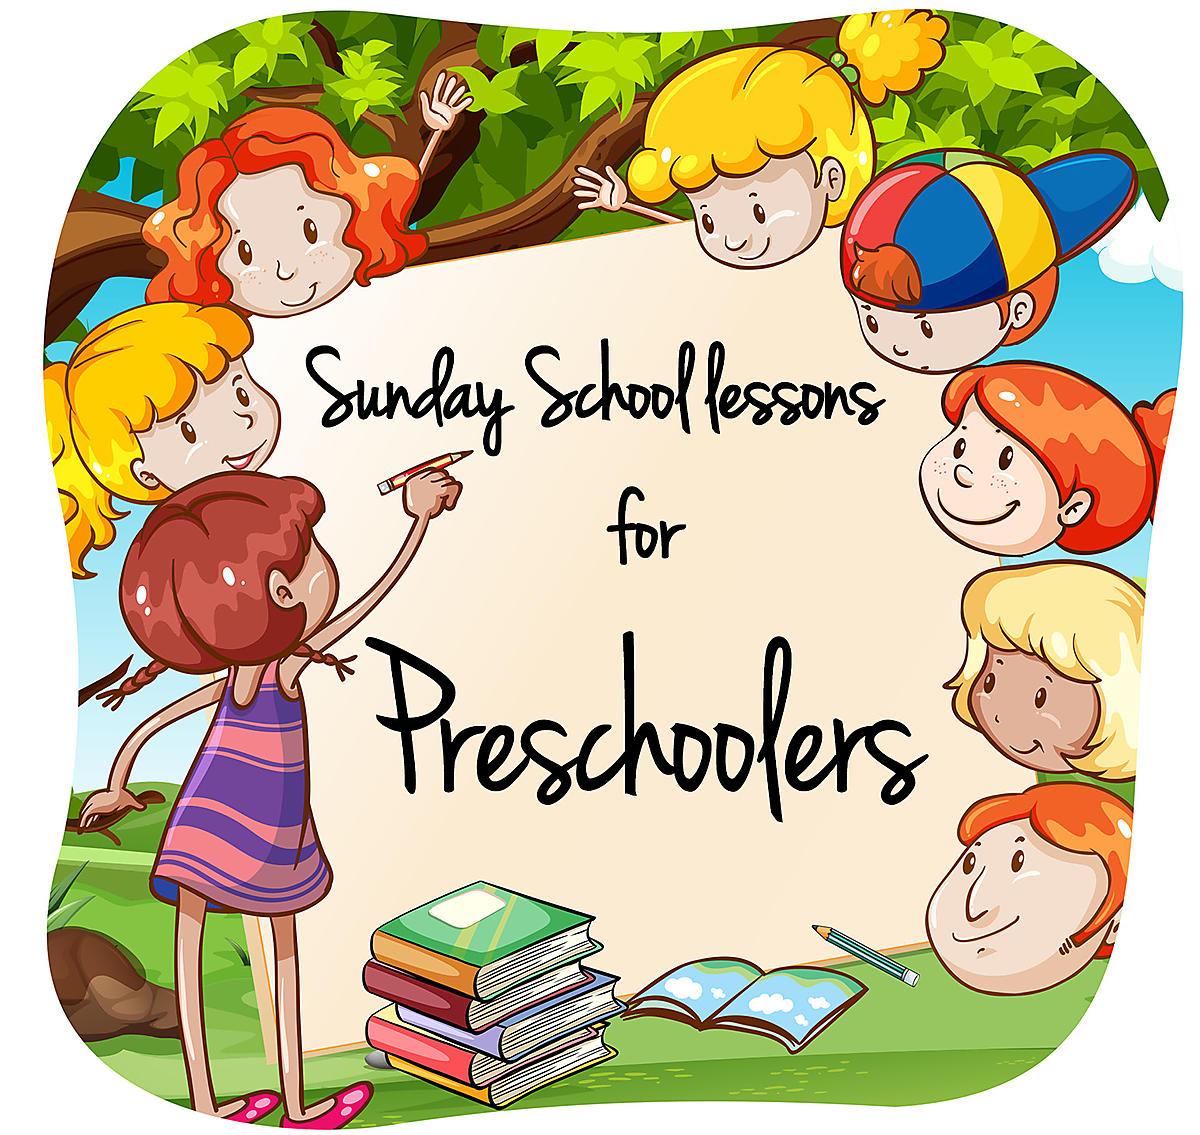 preschoolerscard